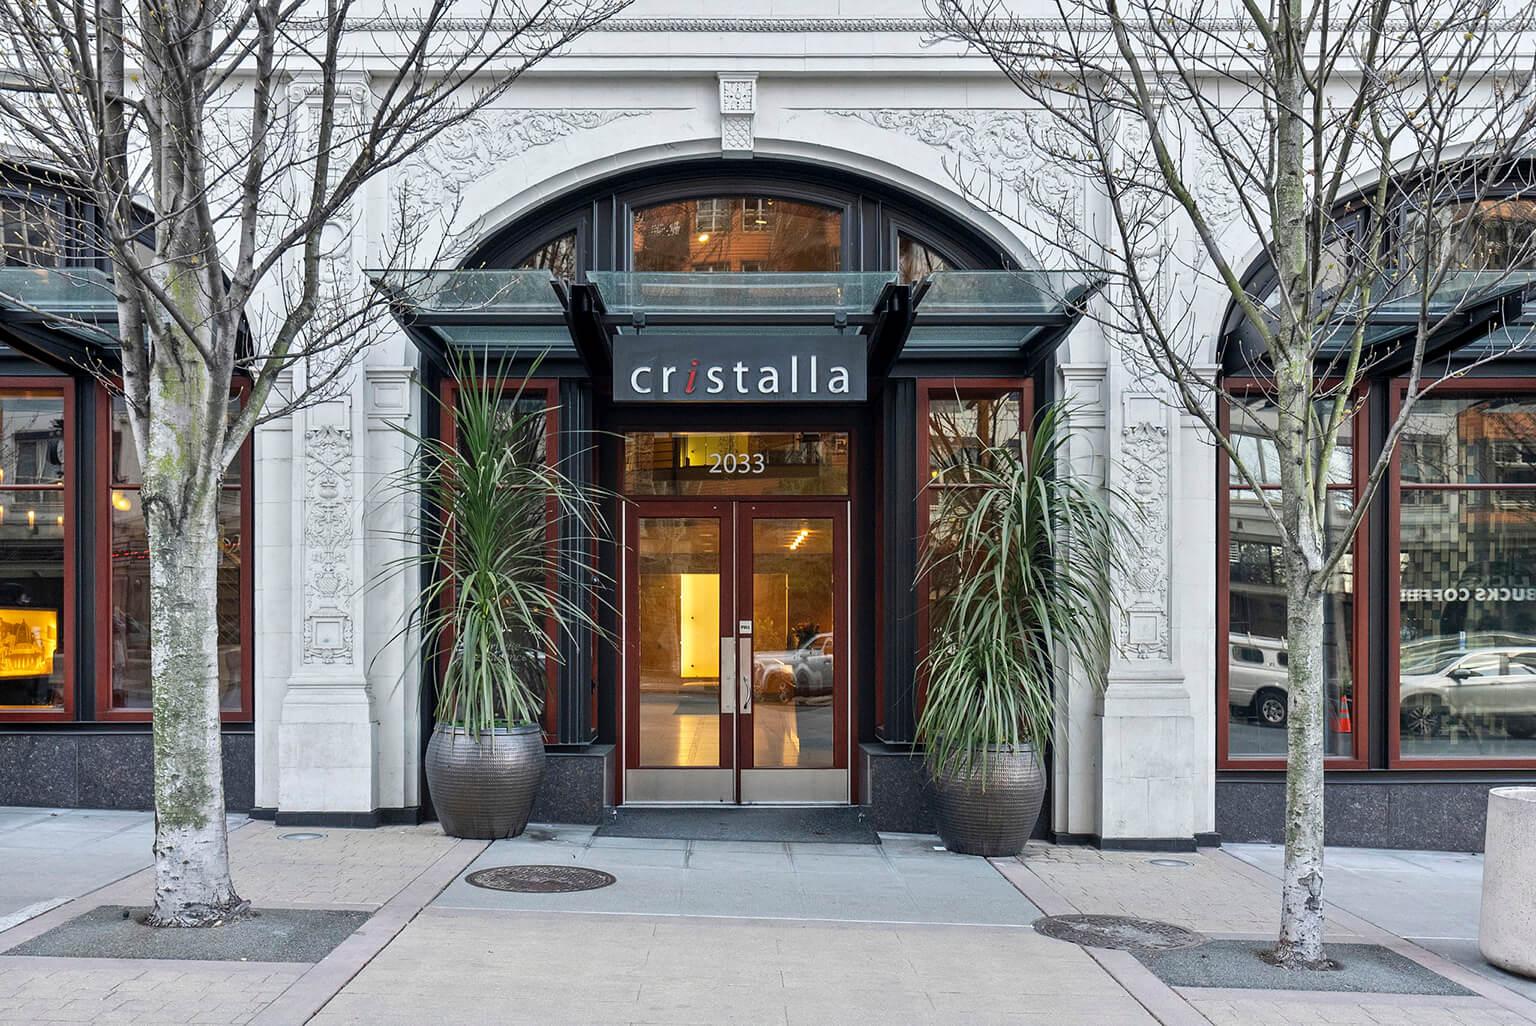 The current entrance retains the original building's neo-classical façade